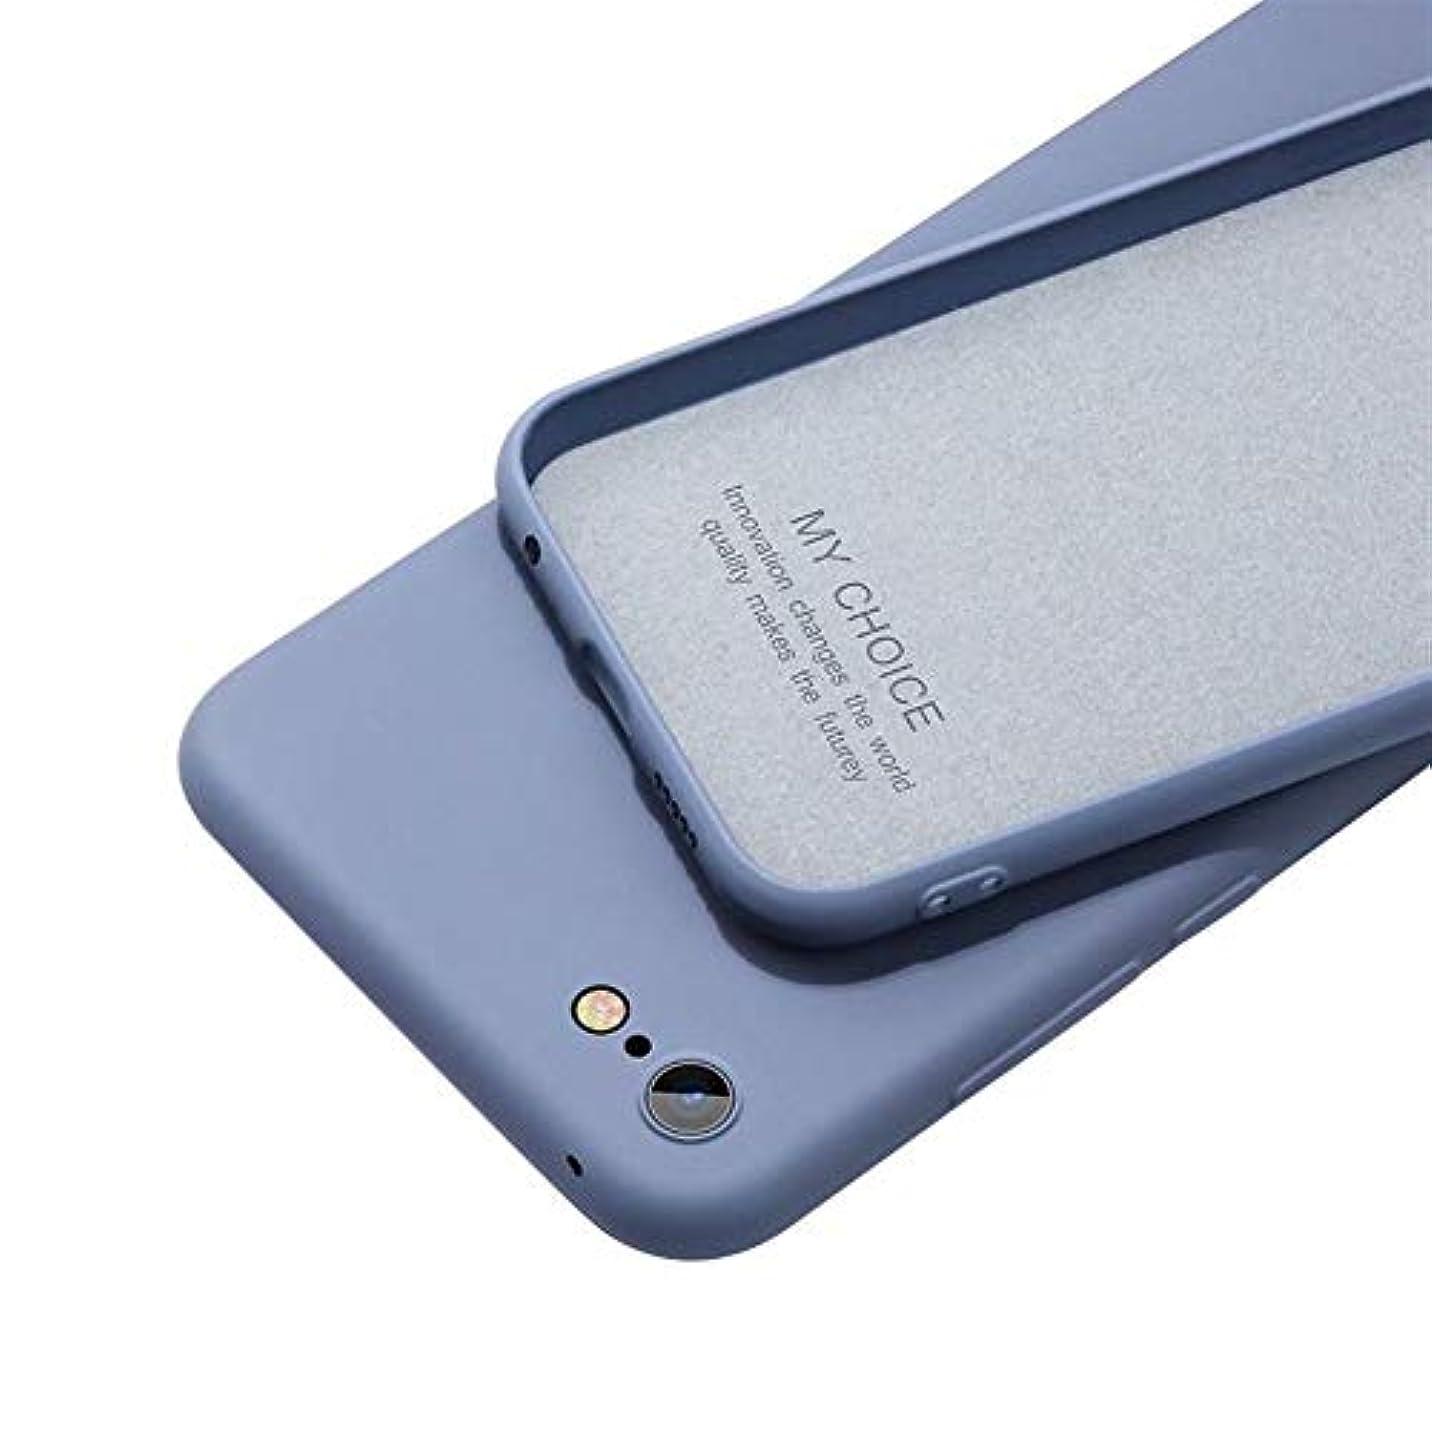 放出顎アルファベット順SzKing 薄いソフトケースのためにiPhone SE 2液体シリコンカバーキャンディCoqueキャパの iPhone SE 2 2020 (Color : Gray, Material : For iPhone SE 2 2020)